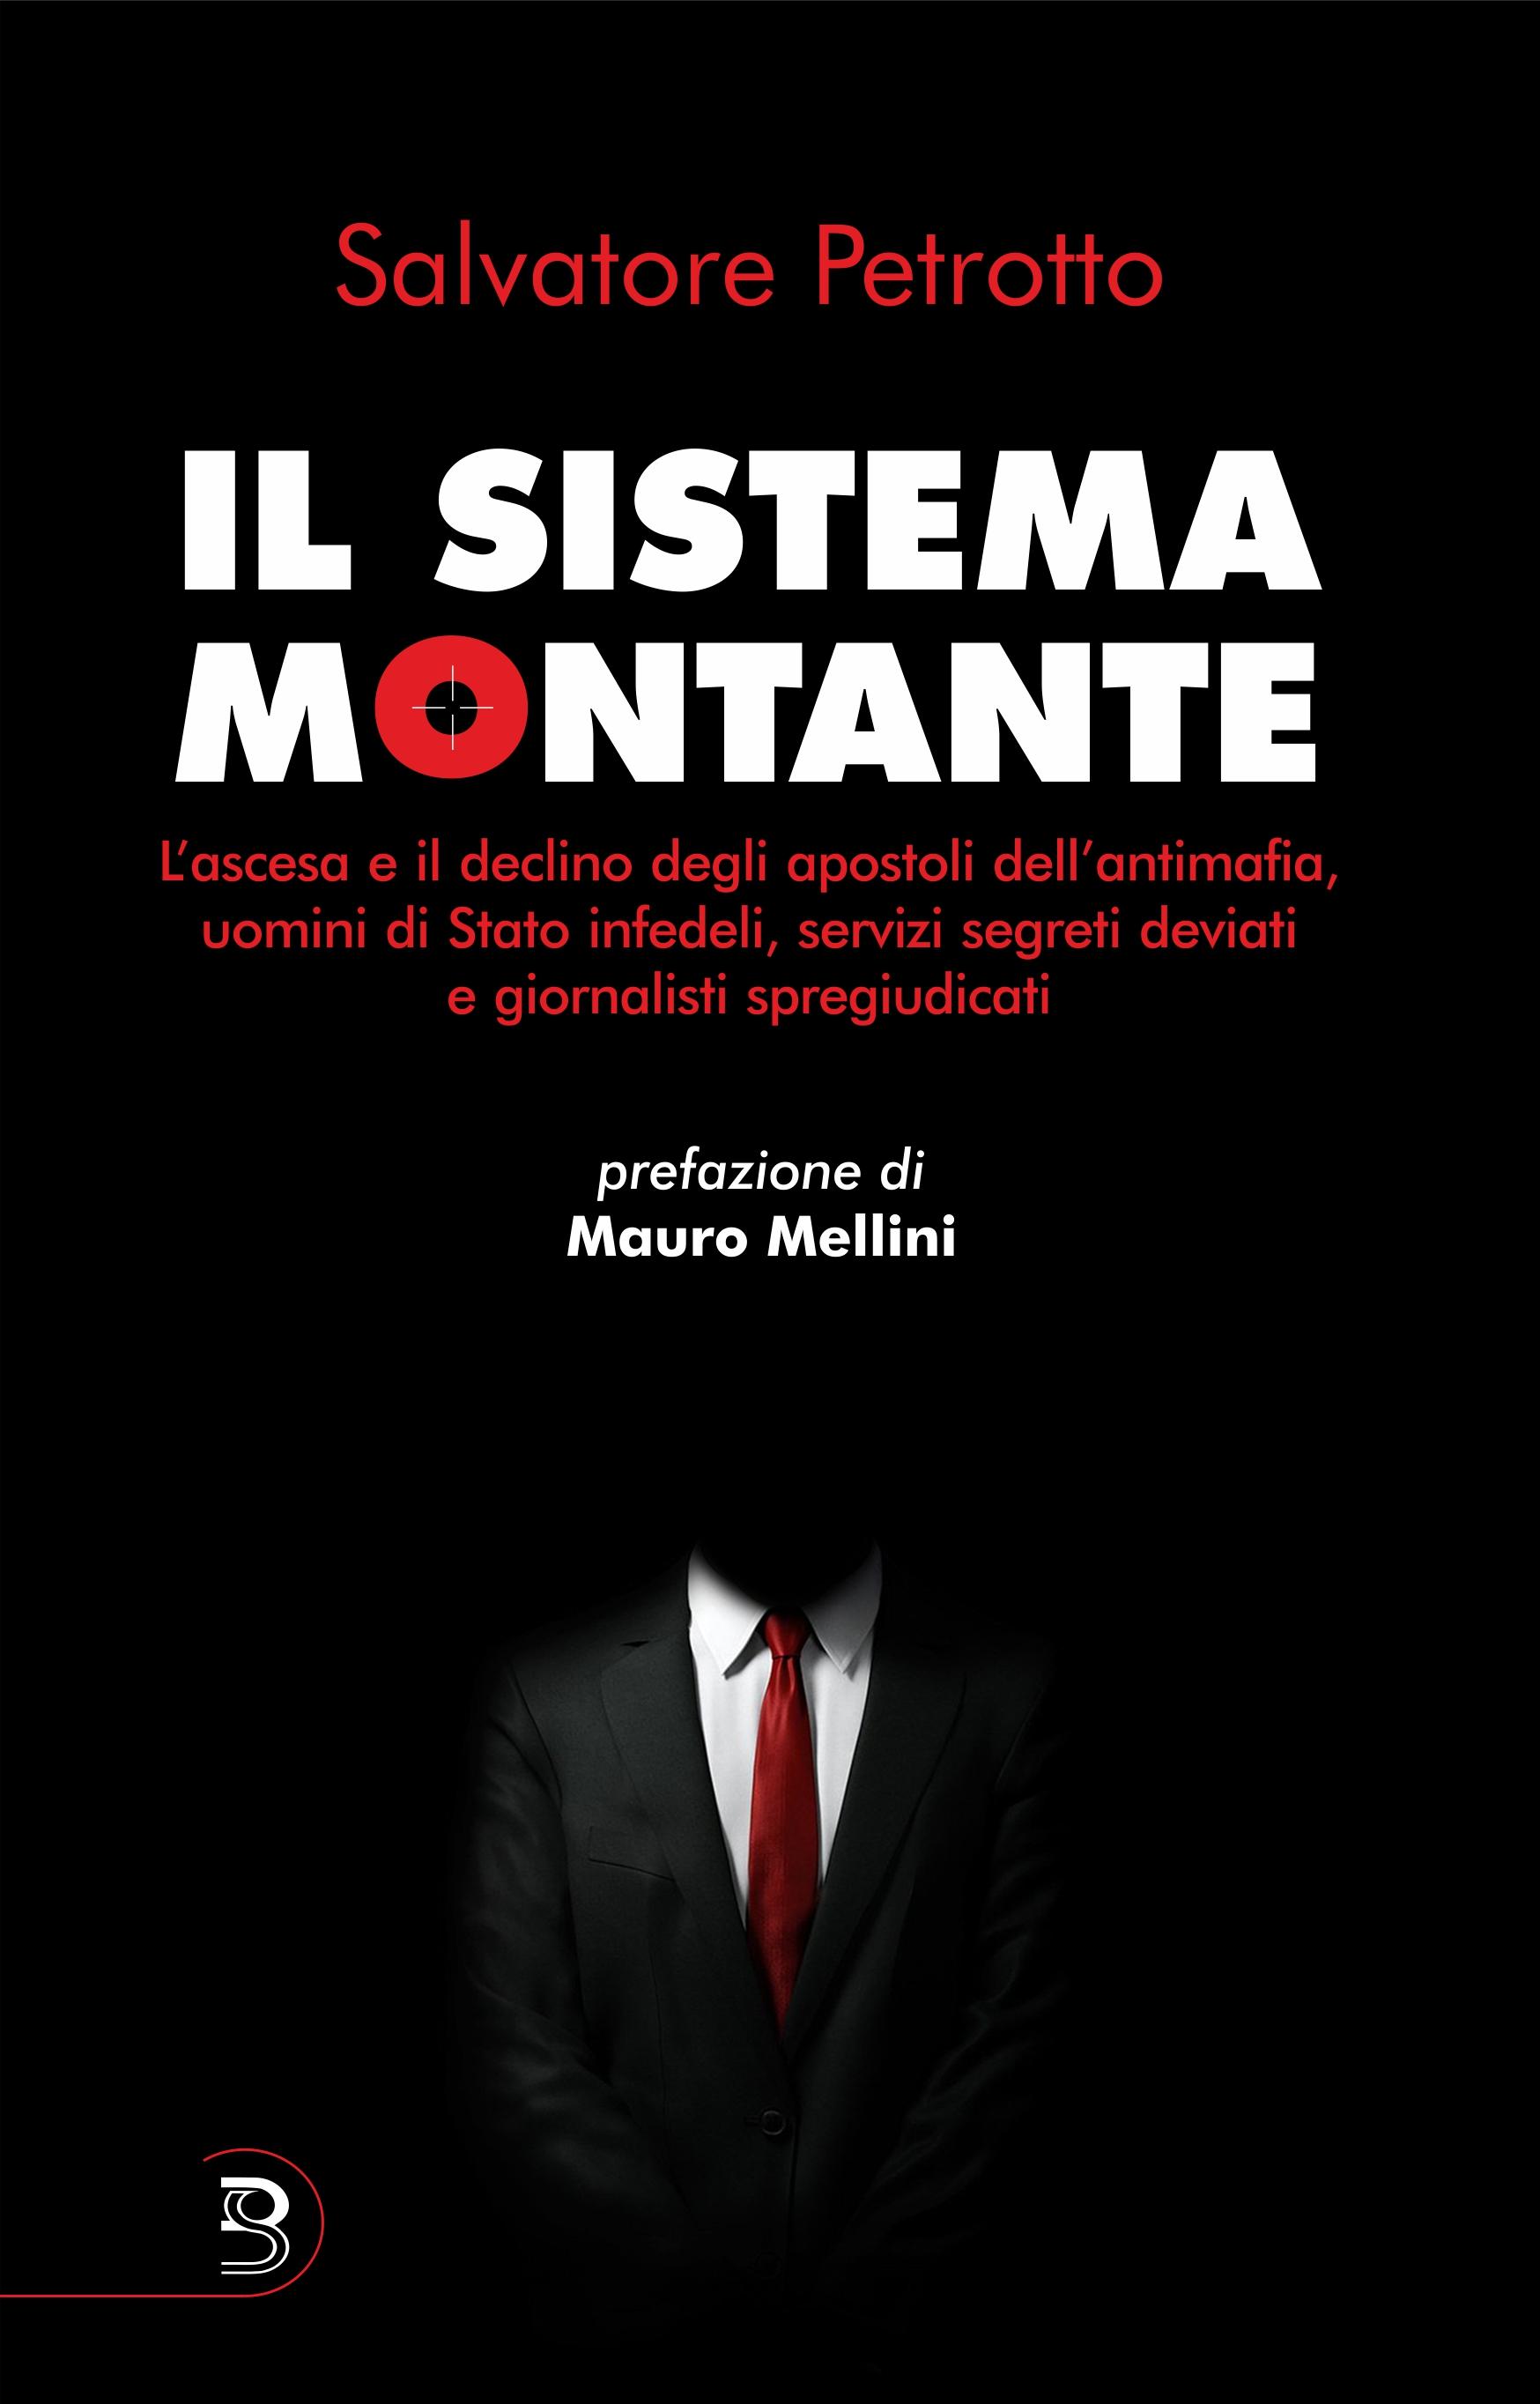 """RECENSIONE LA MAFIA VERA DI CUI NON S'HA DA PARLARE SALVATORE PETROTTO """"IL SISTEMA MONTANTE"""""""